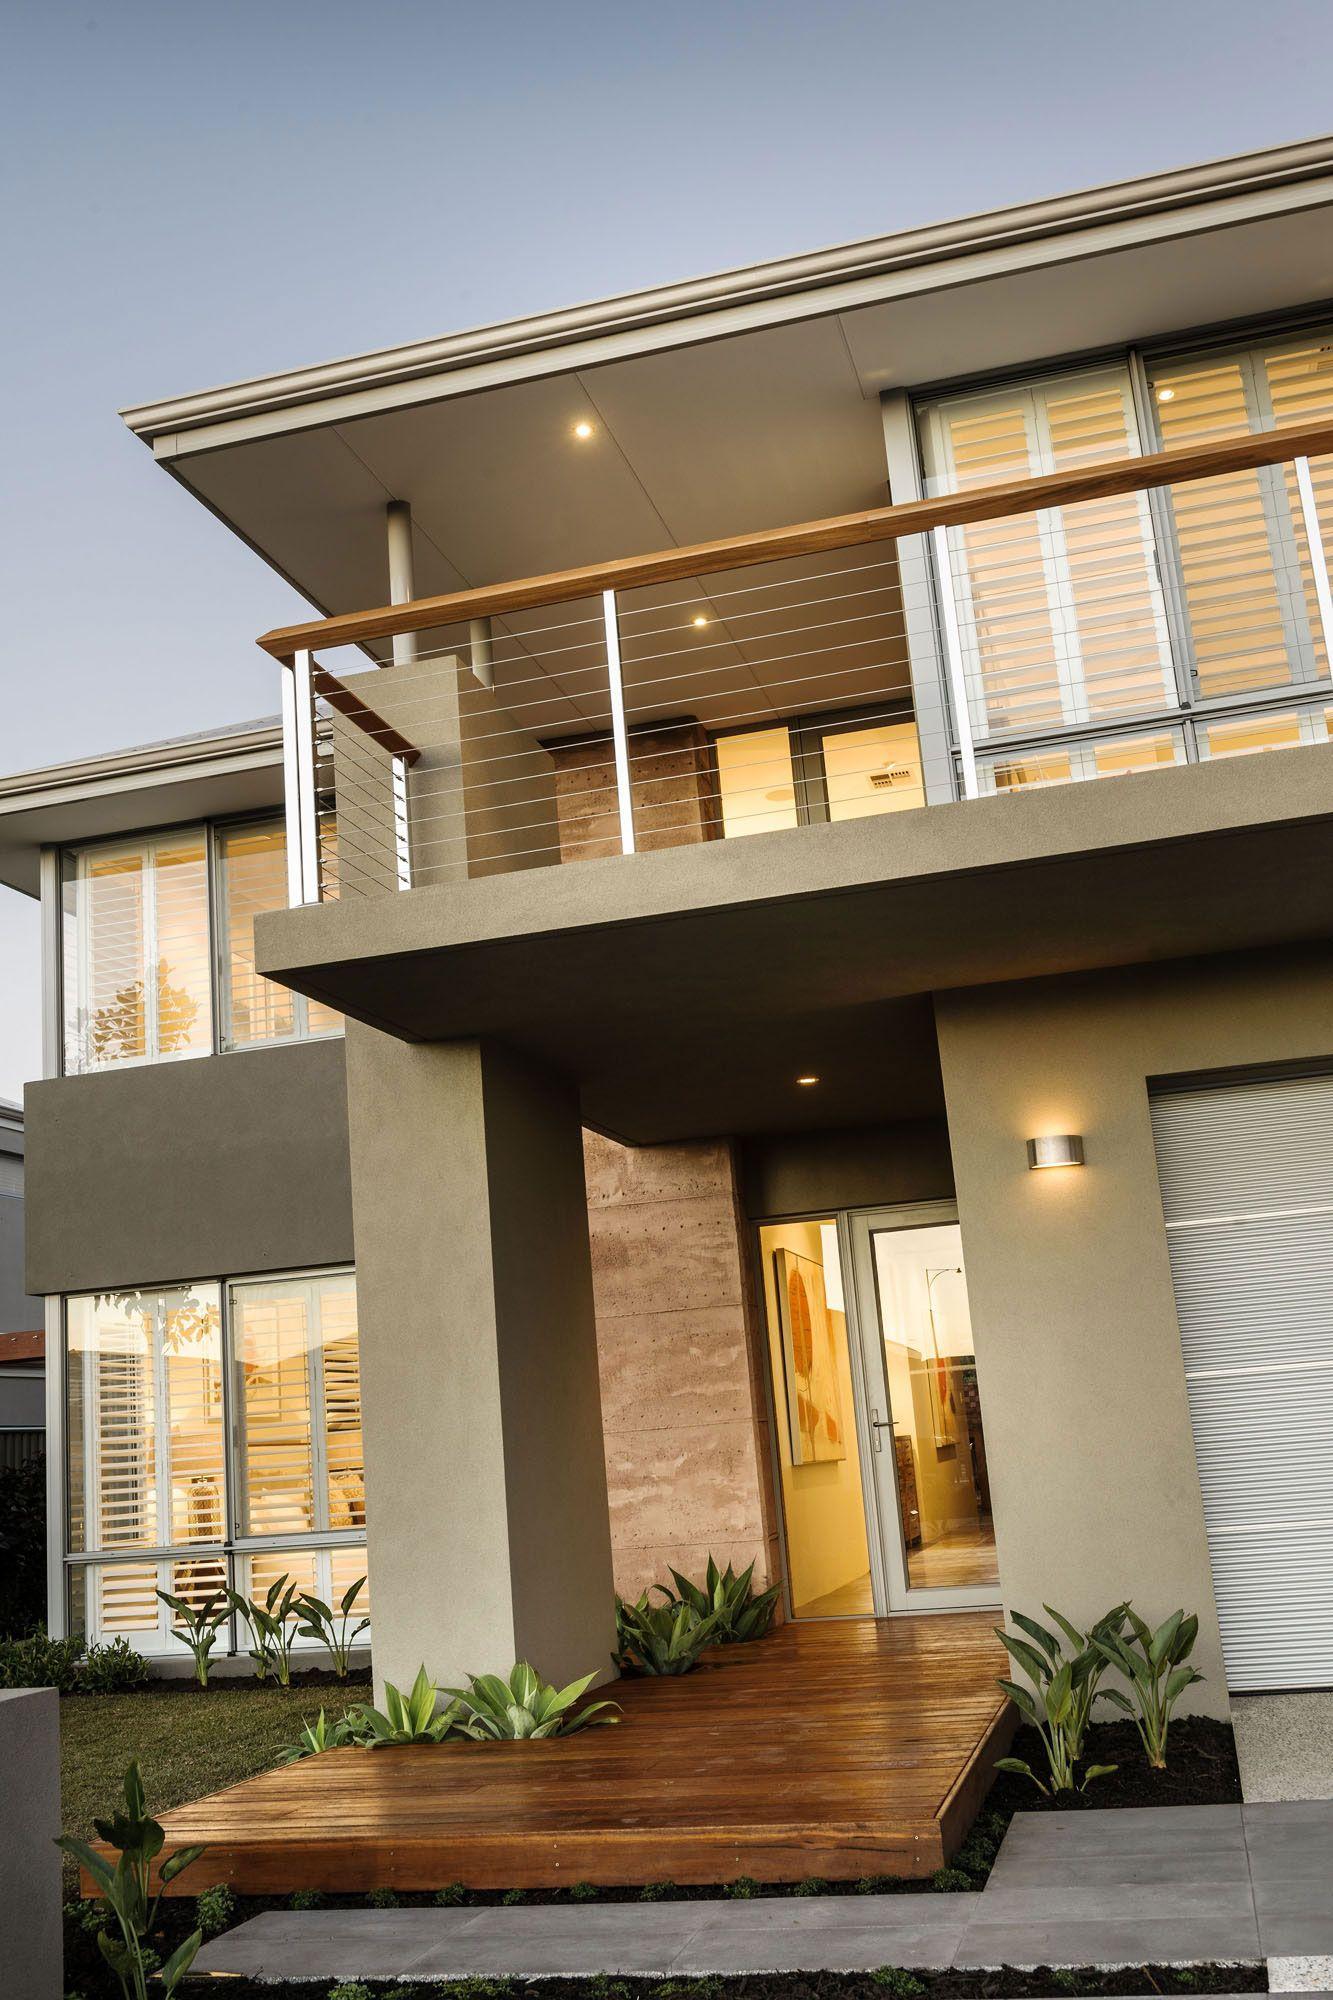 casa moderna de dos pisos con hermoso diseo de fachada e interiores que combina dos conceptos de diseo